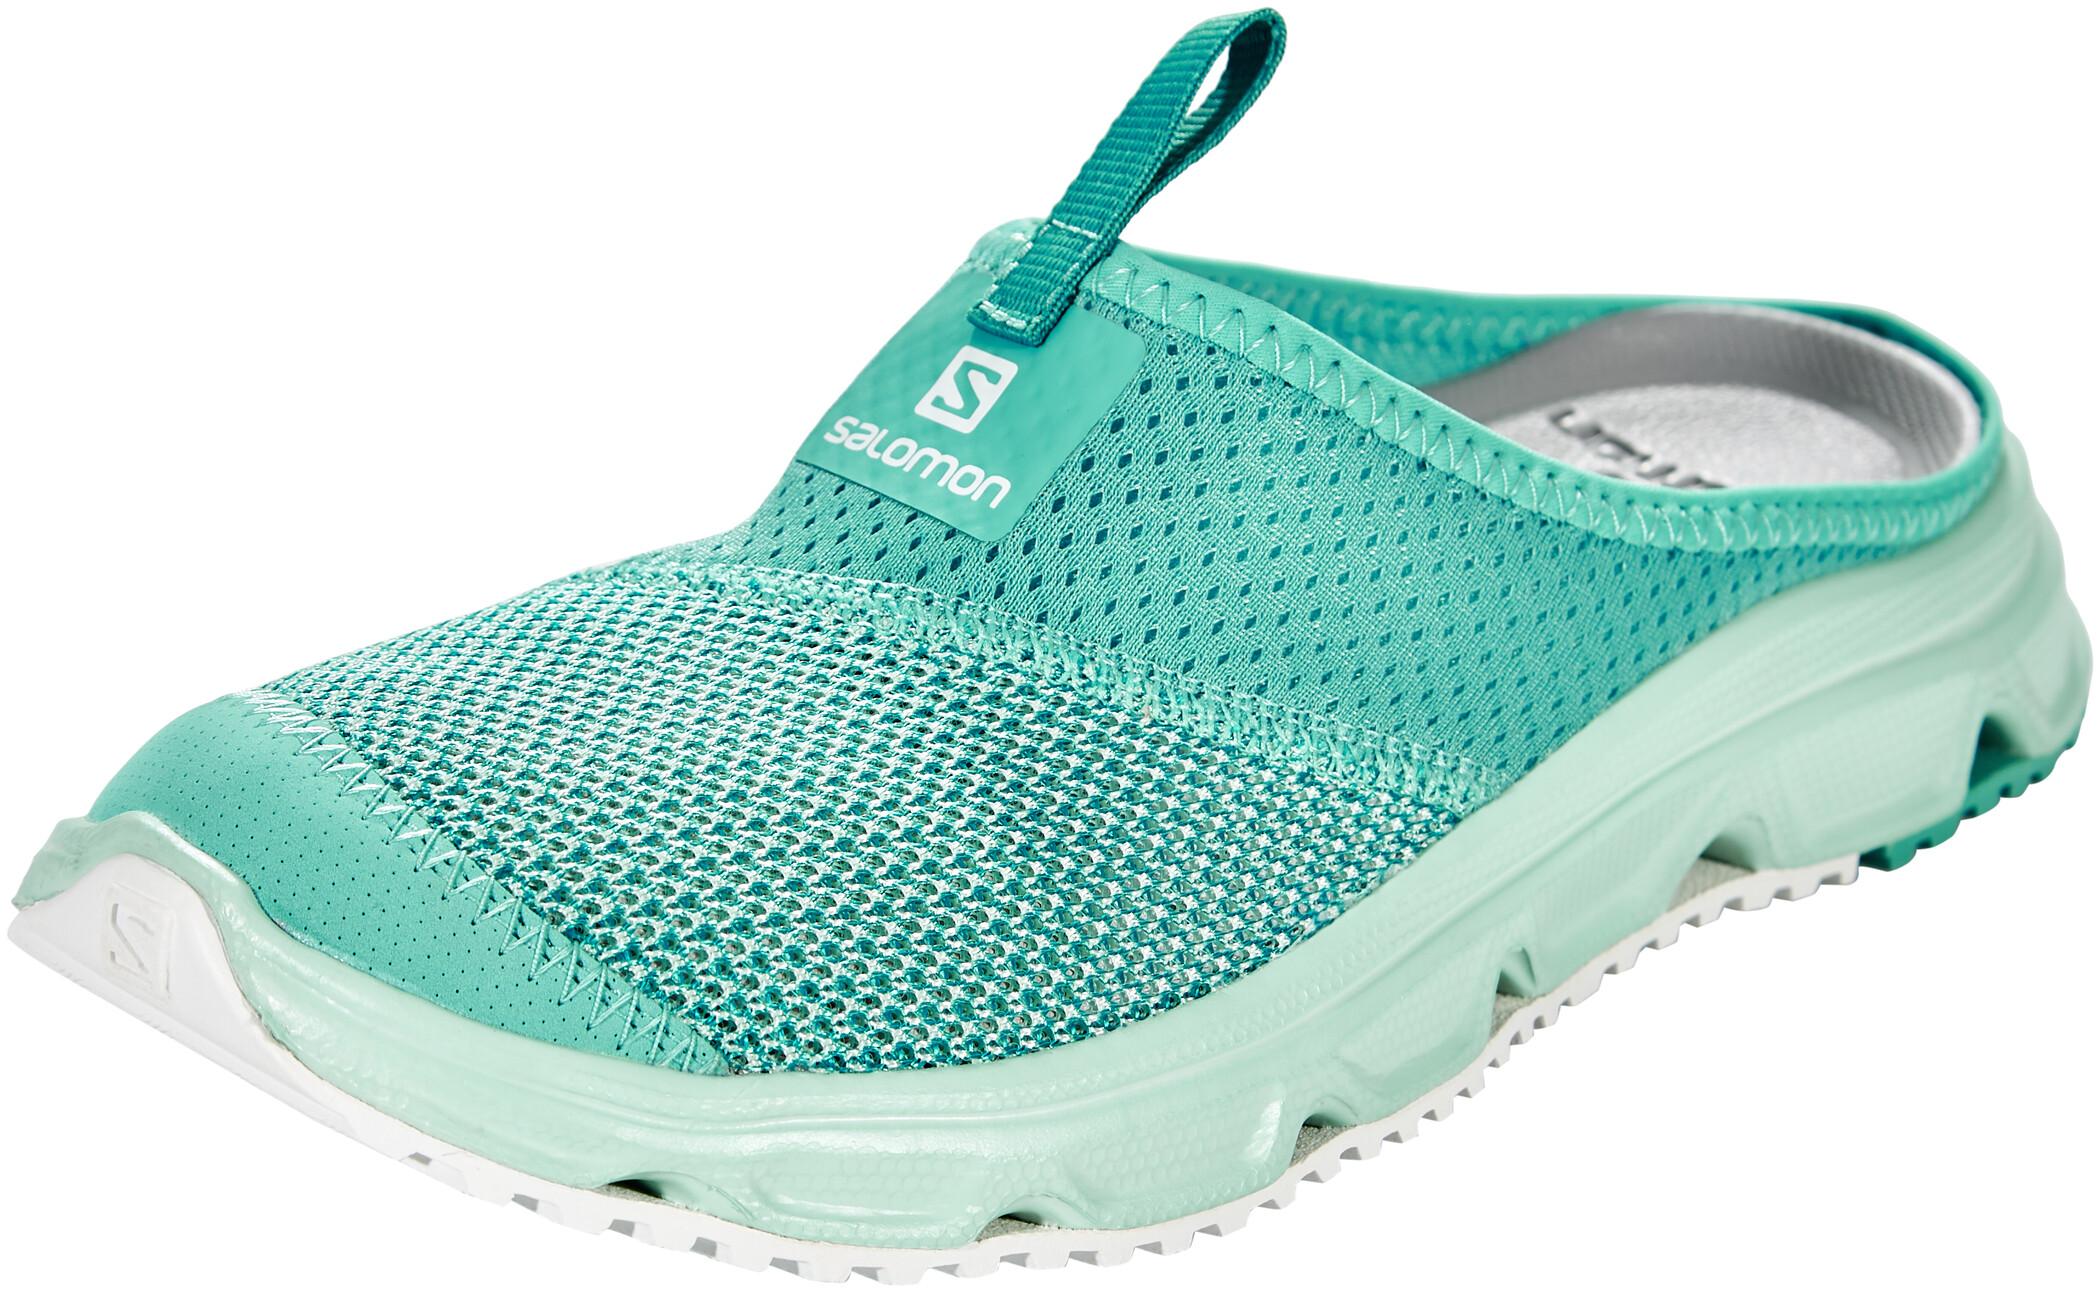 Salomon Trail Running Schuhe günstig kaufen |